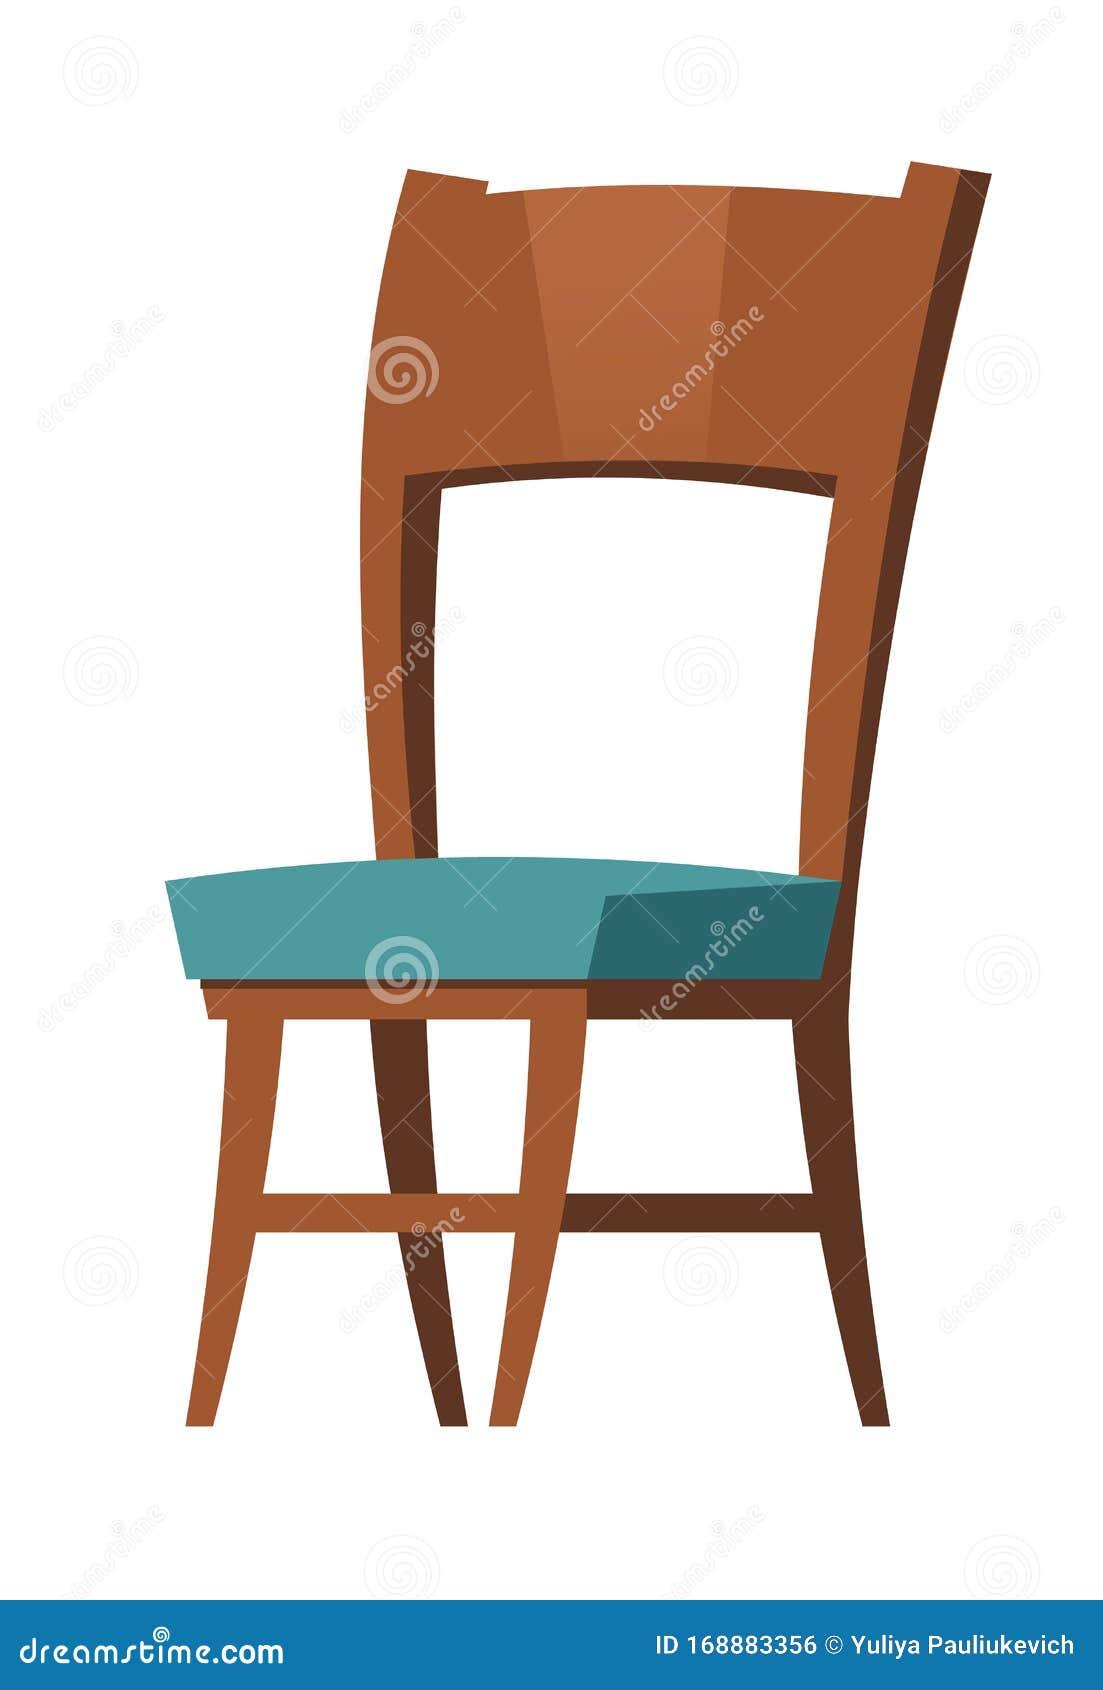 Elementi Di Cartone Per Mobili Per Sedie In Legno Per Interni Illustrazione Vettoriale Illustrazione Di Bianco Poltrona 168883356